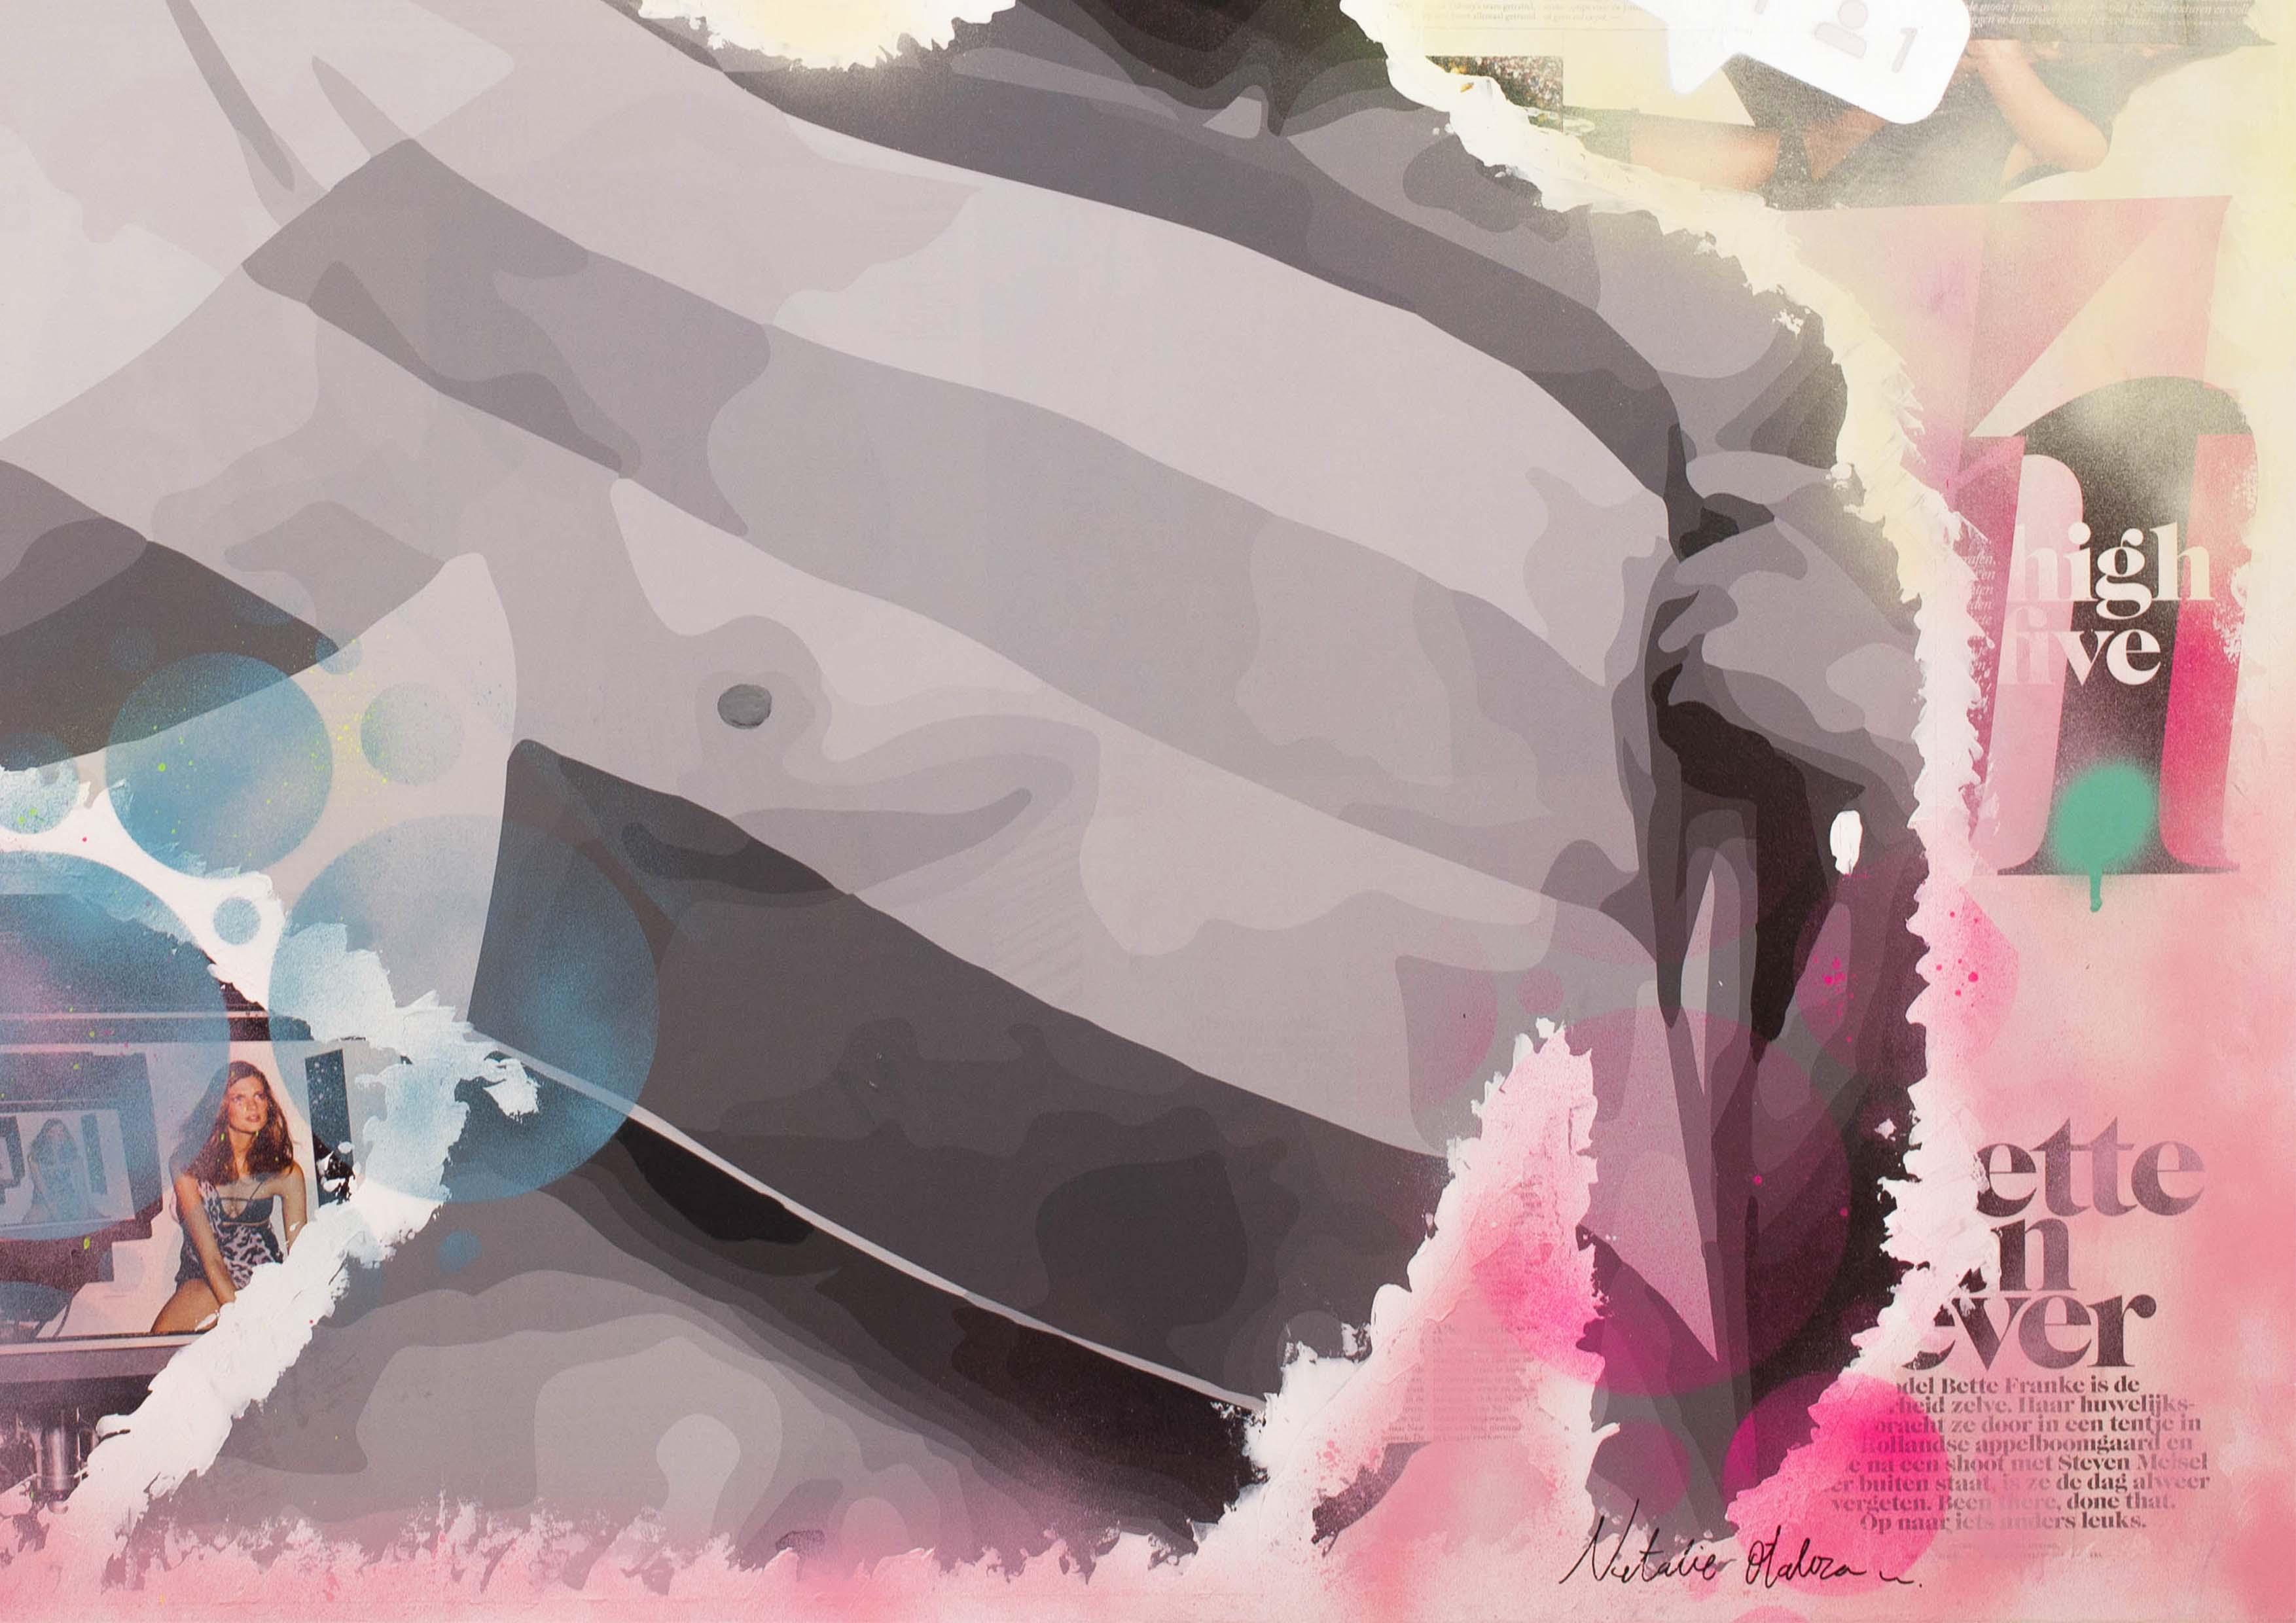 NATALIE-OTALORA-ART-COLLAGE-M-IN-MY-WET-DREAM-DETAIL-2